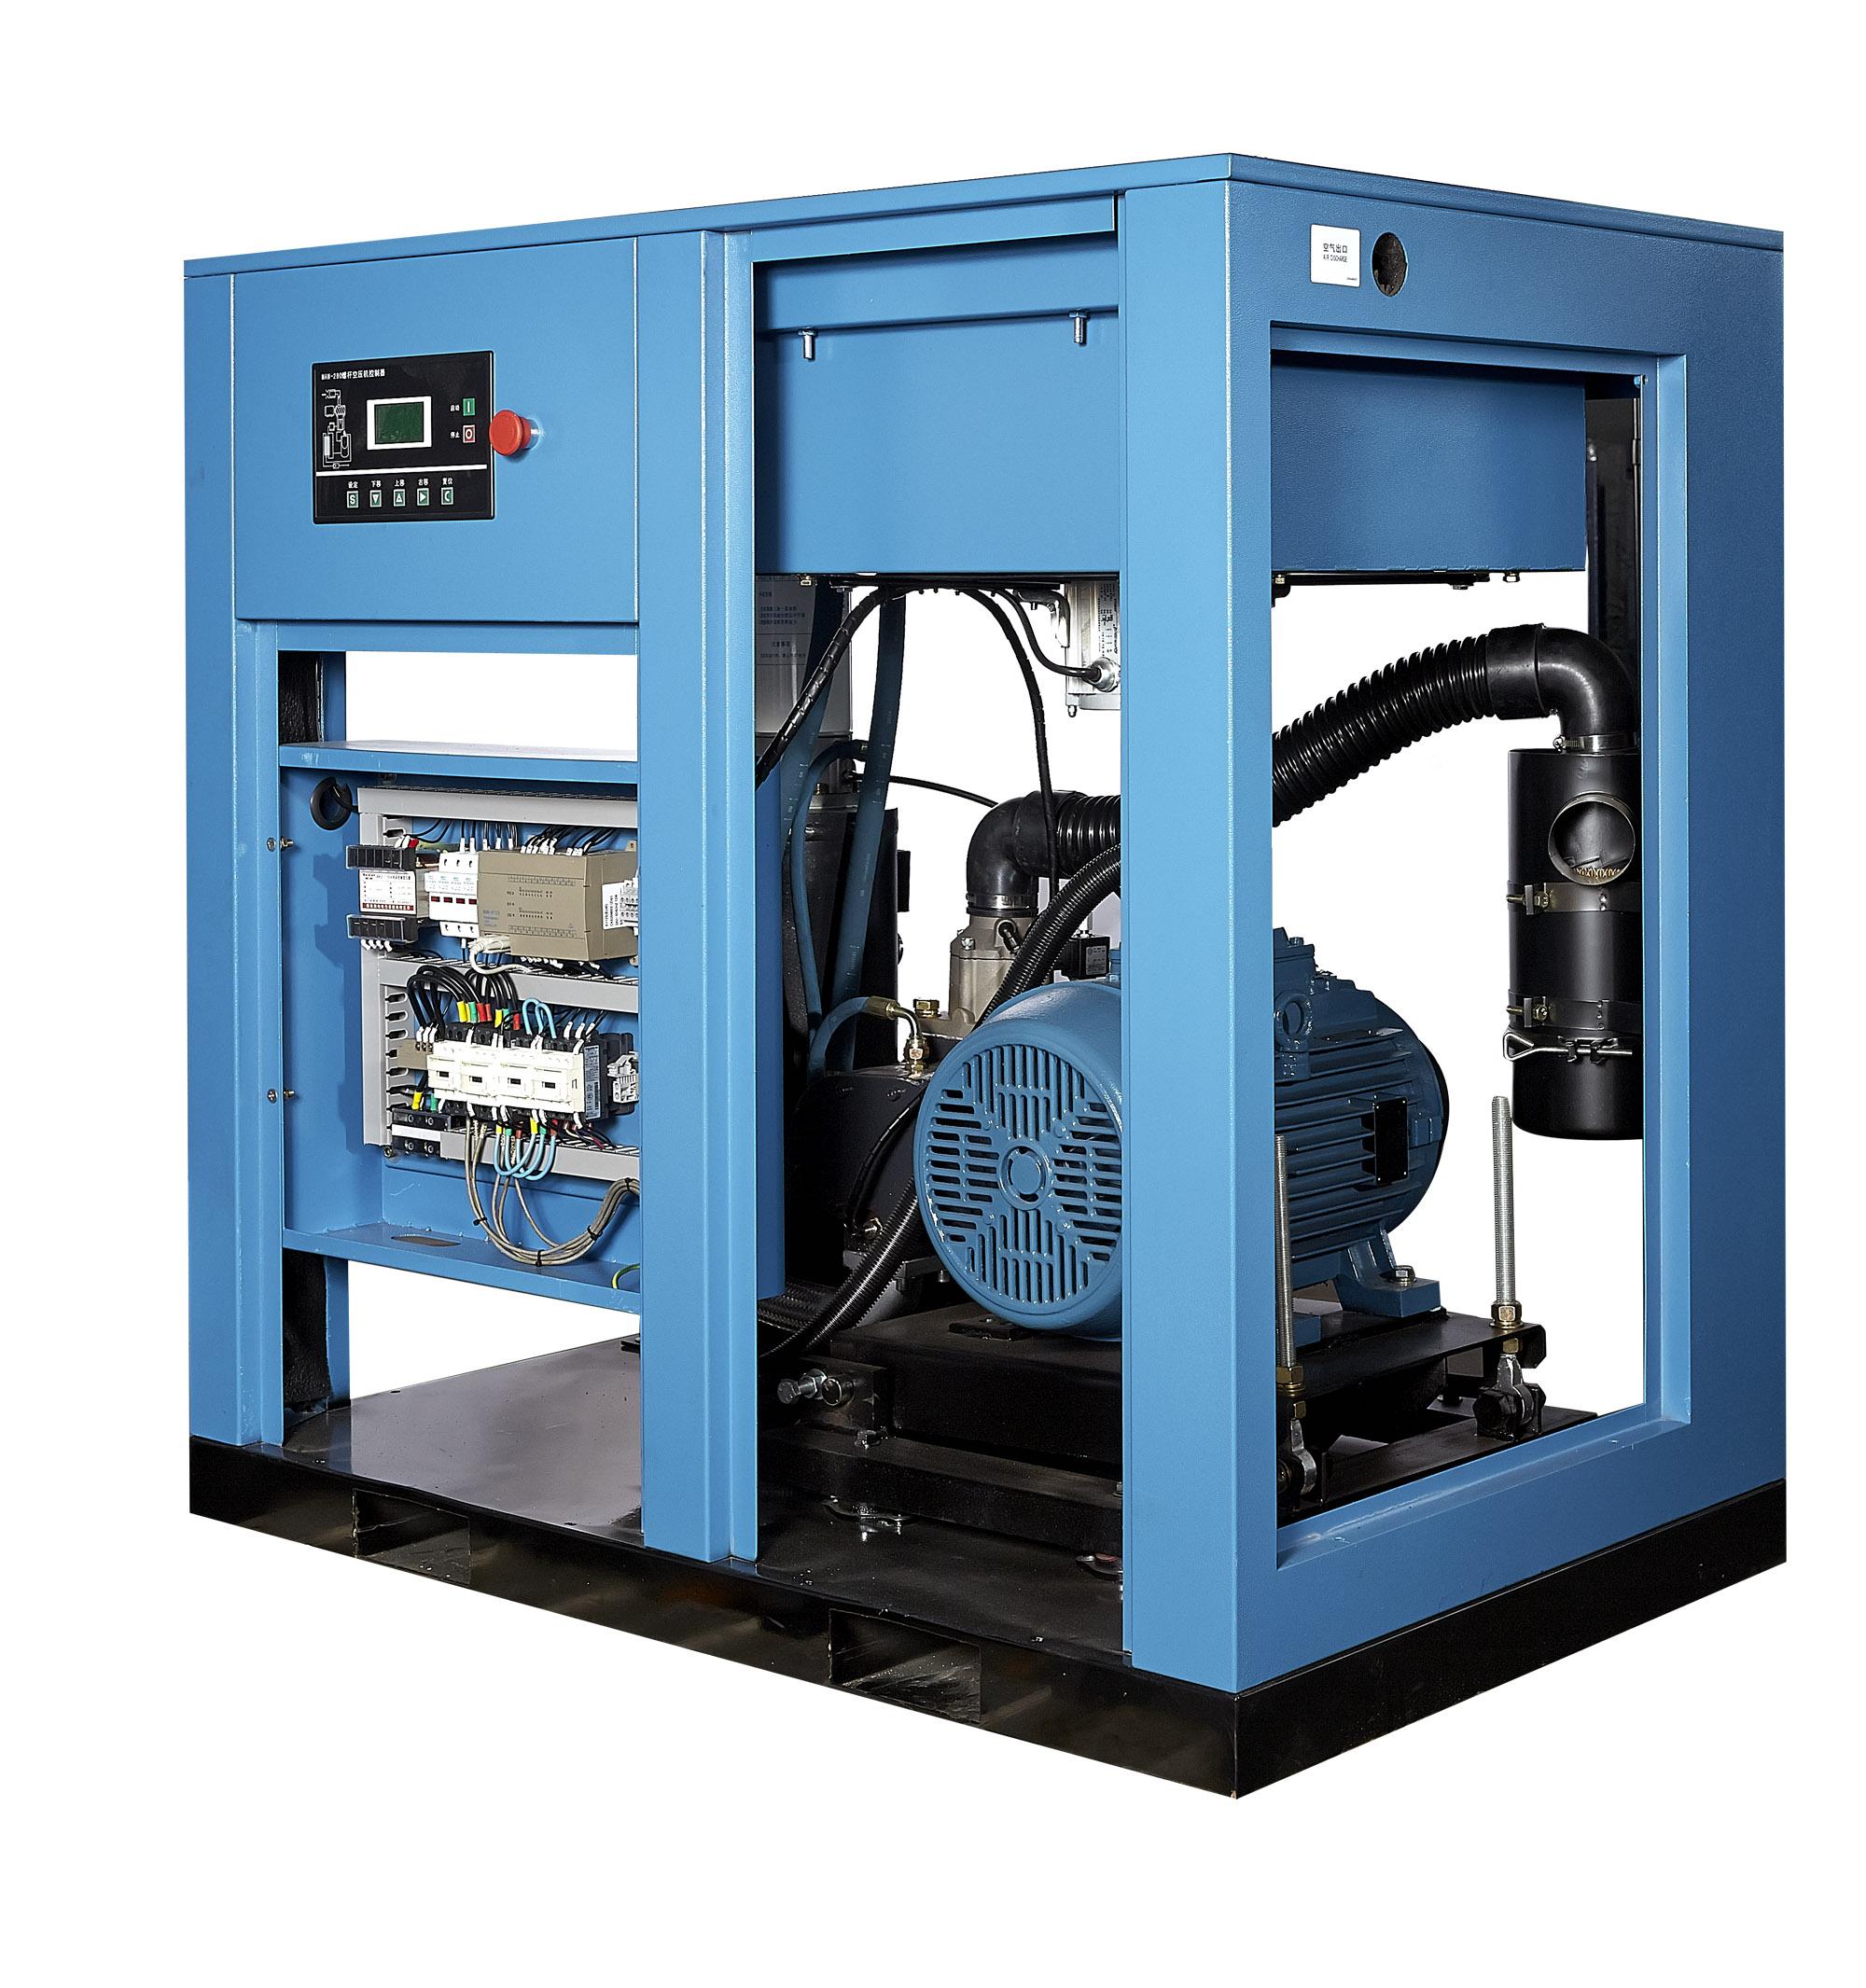 空压机过滤器的工作原理